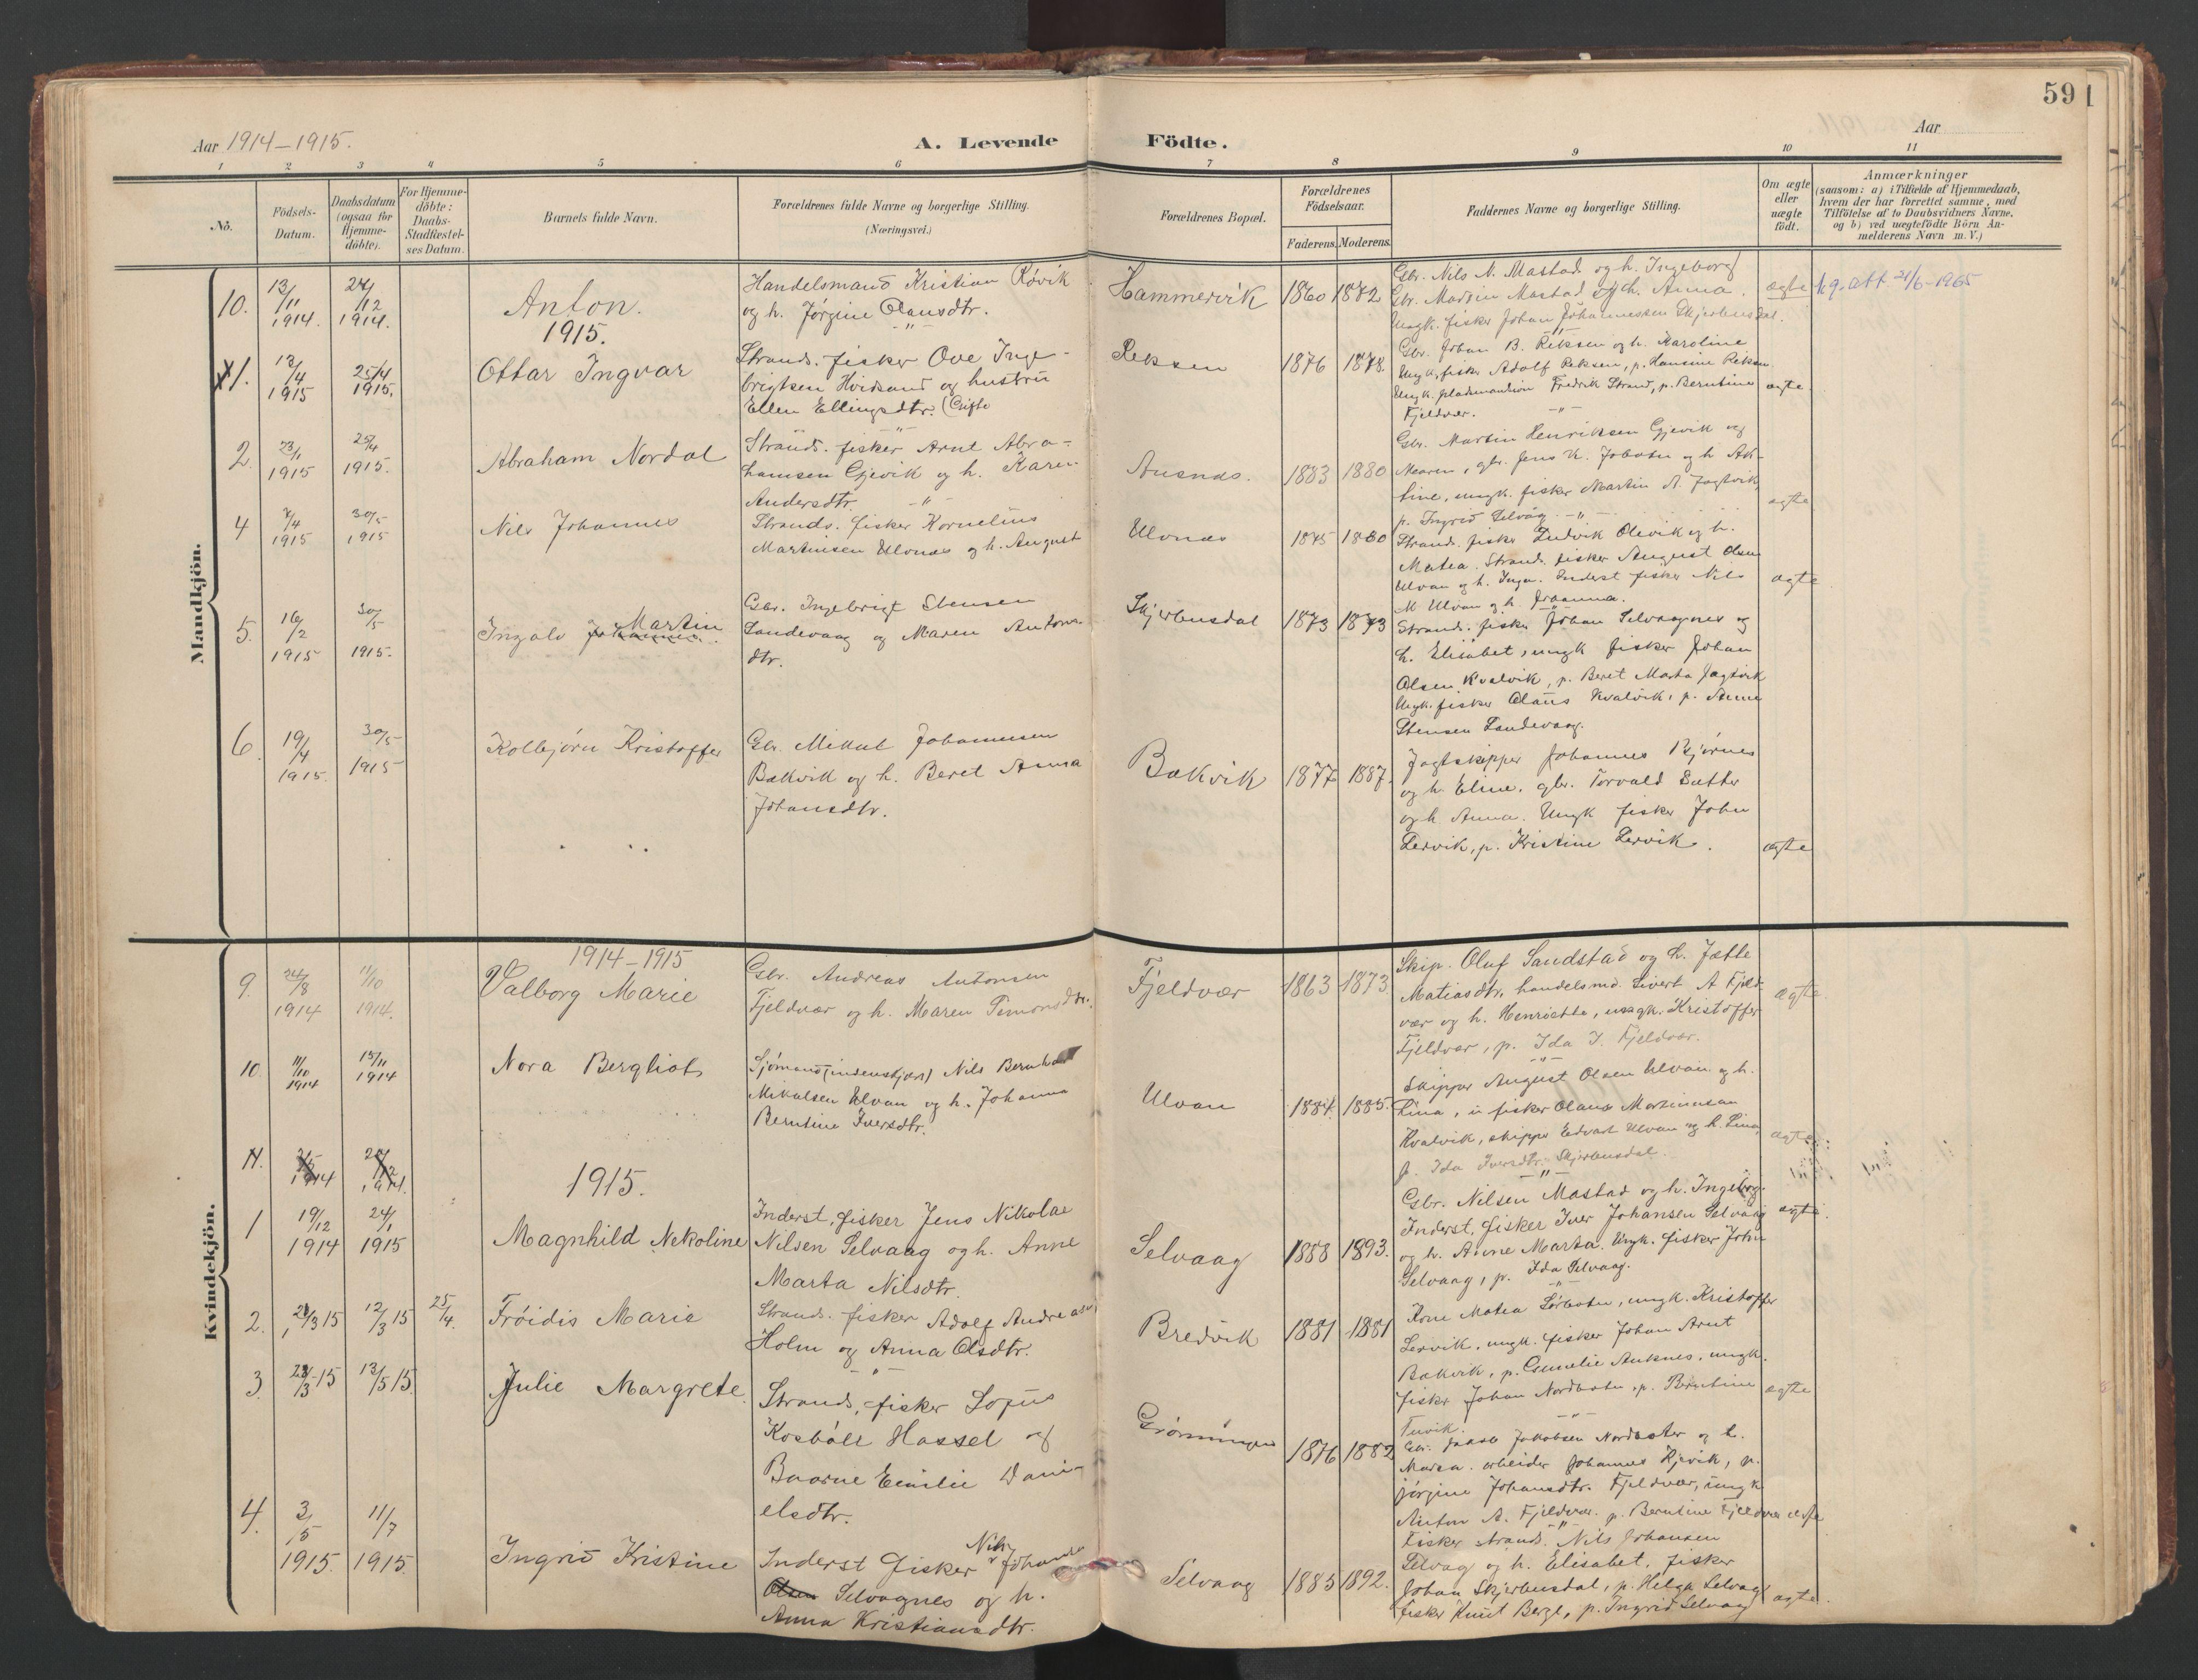 SAT, Ministerialprotokoller, klokkerbøker og fødselsregistre - Sør-Trøndelag, 638/L0571: Klokkerbok nr. 638C03, 1901-1930, s. 59